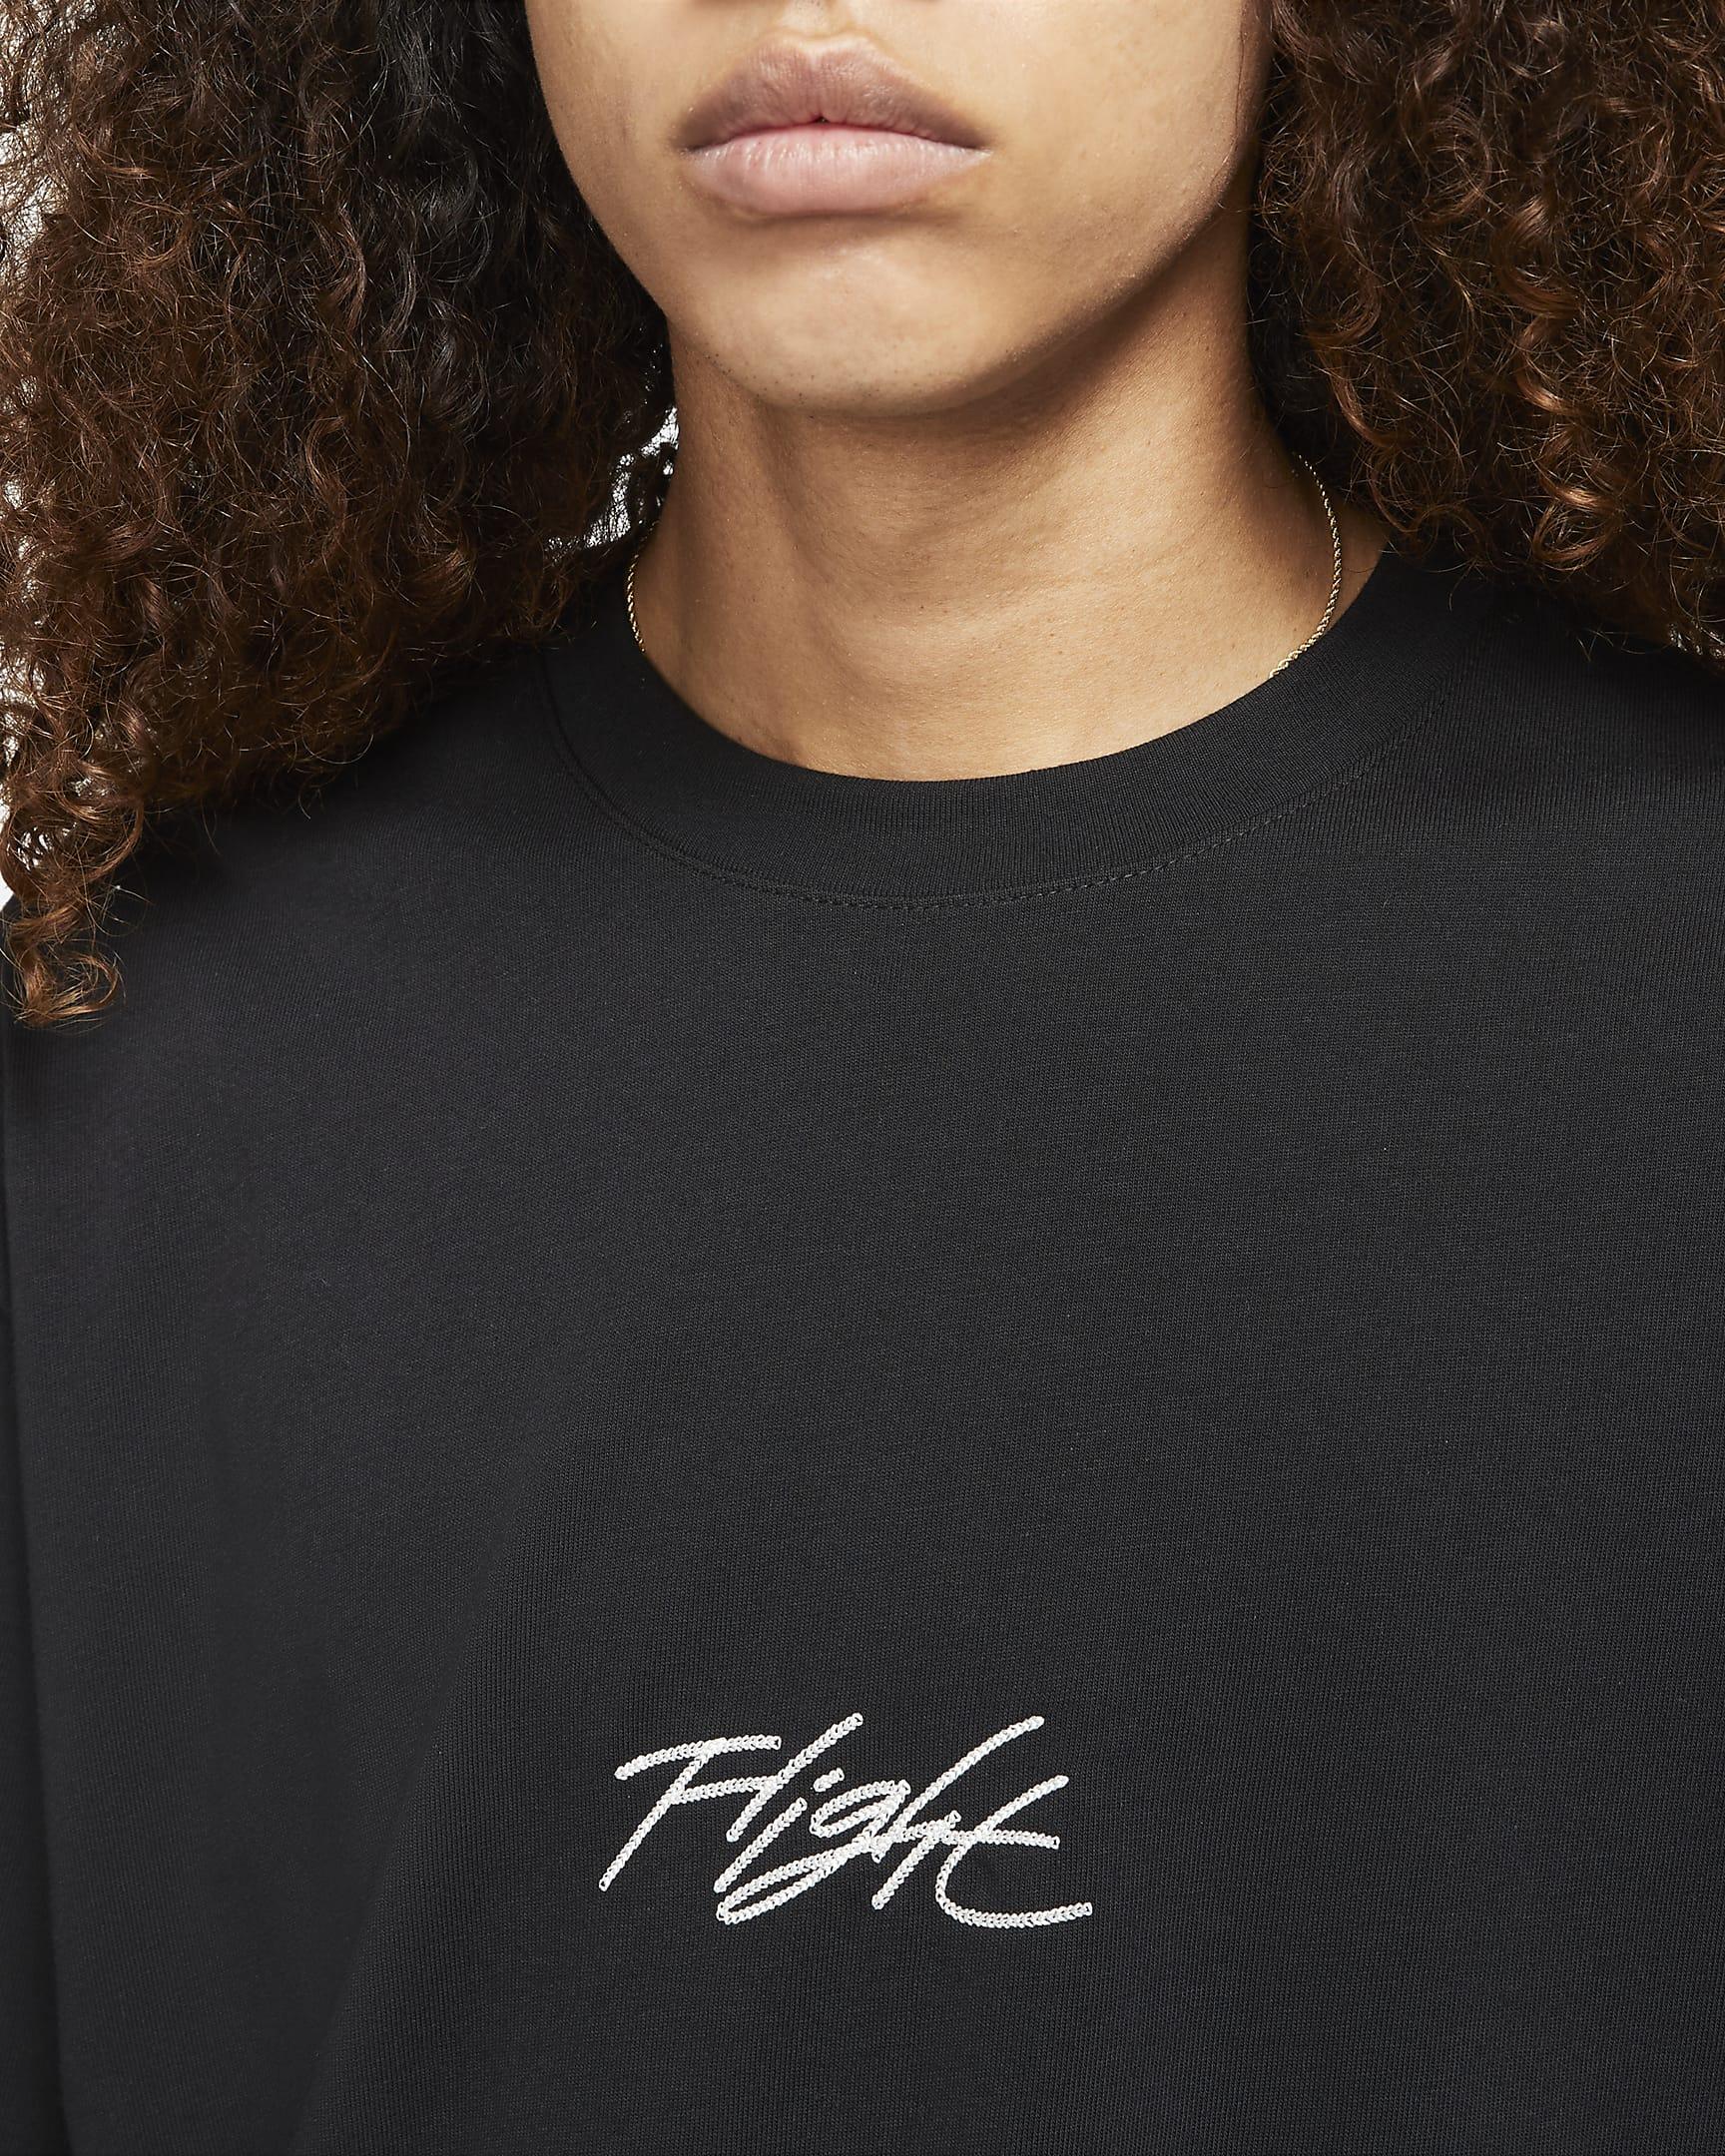 jordan-flight-essentials-mens-short-sleeve-t-shirt-J0tWDs-1.png